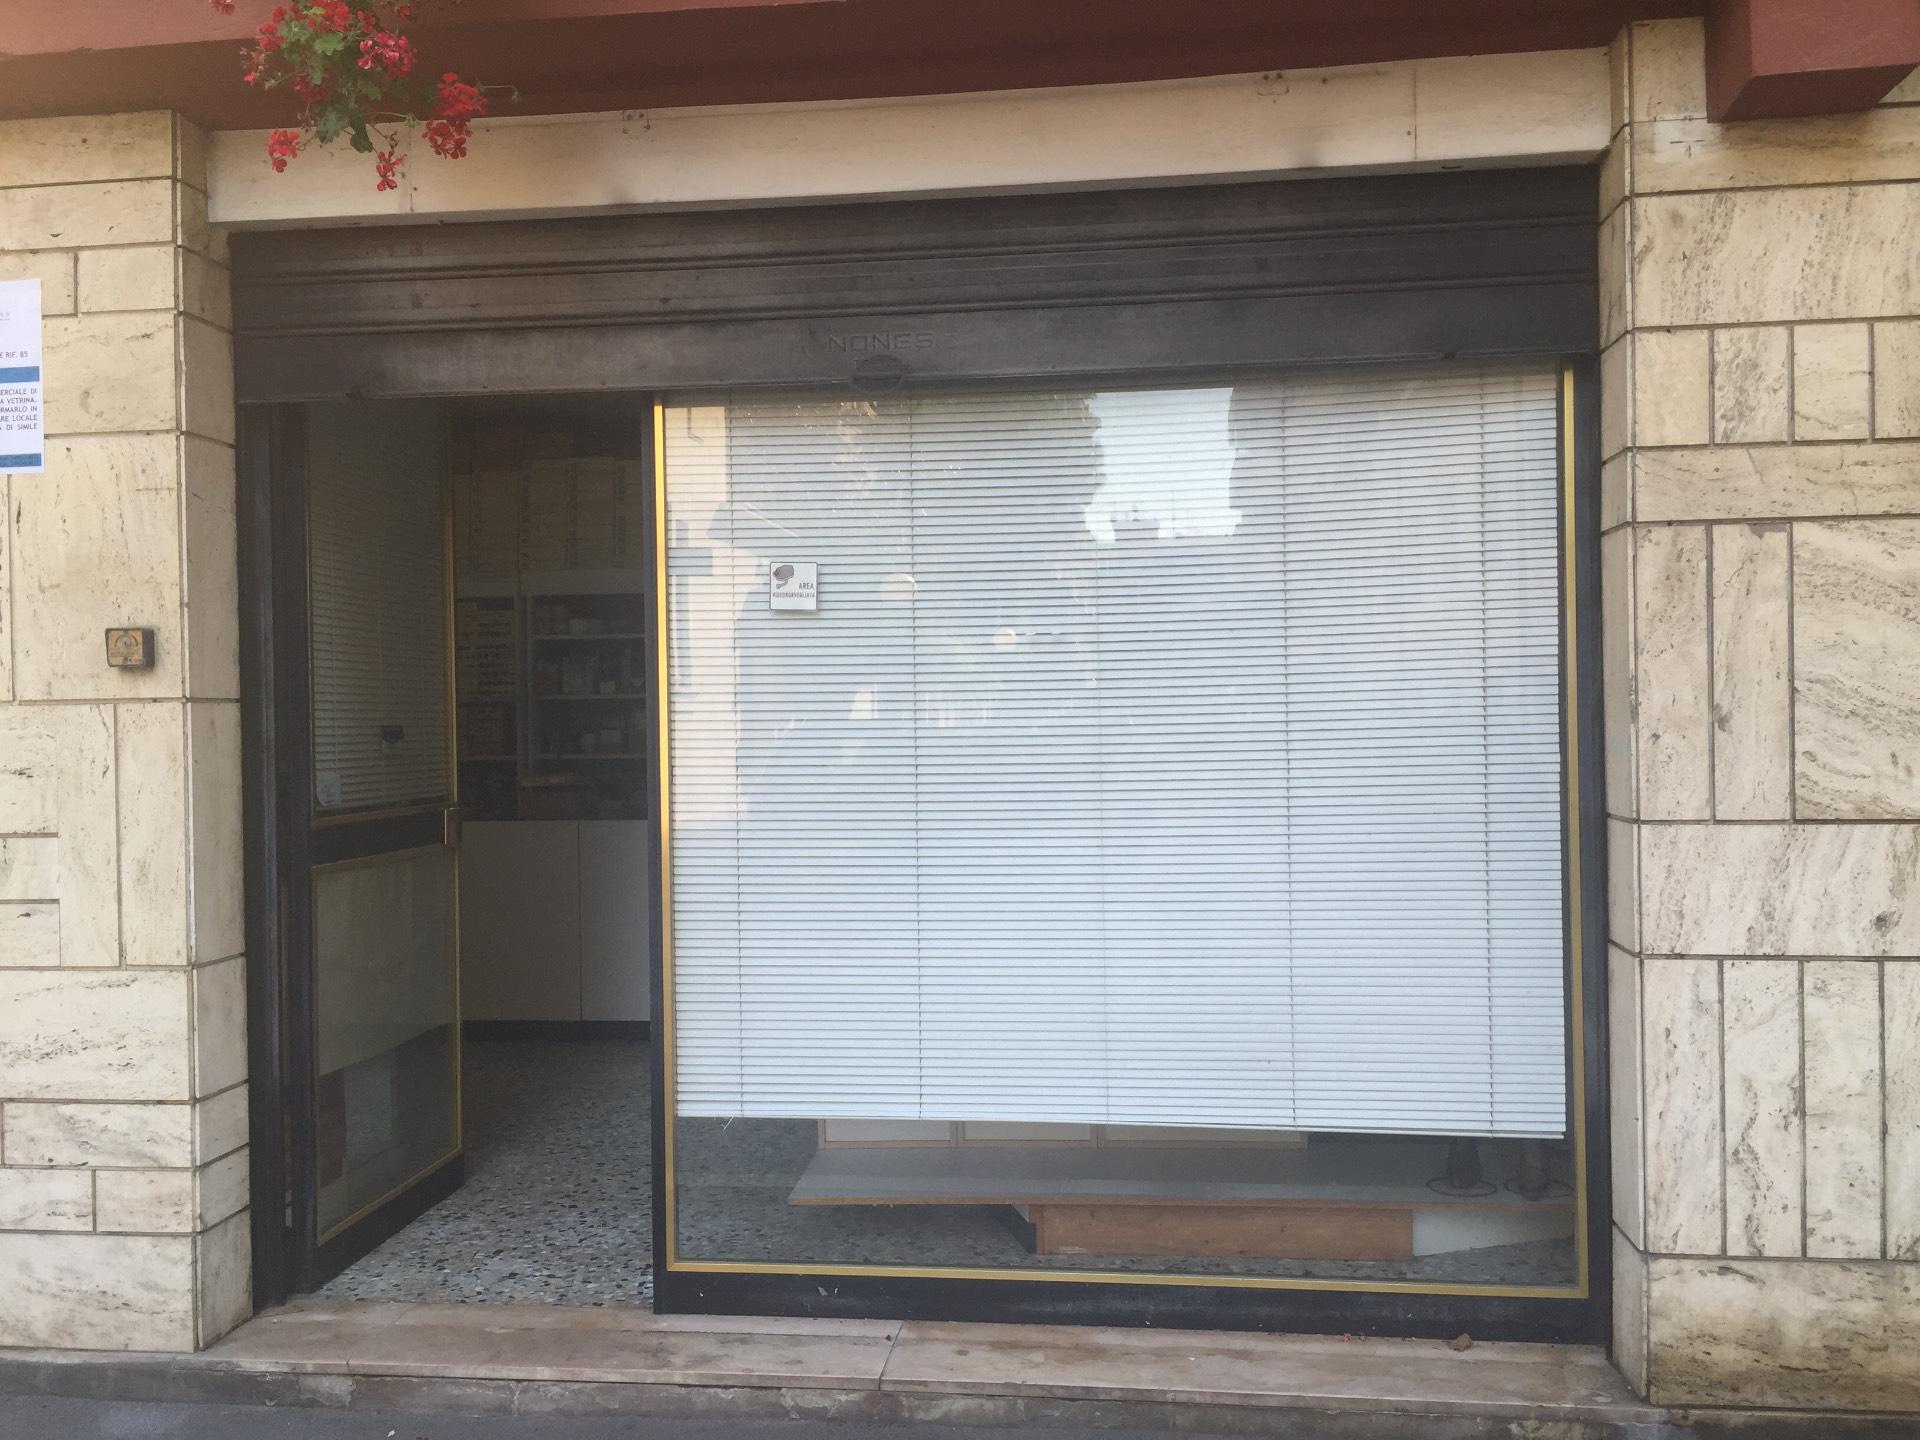 Negozio / Locale in vendita a Pescara, 9999 locali, zona Zona: Centro, prezzo € 65.000 | Cambio Casa.it